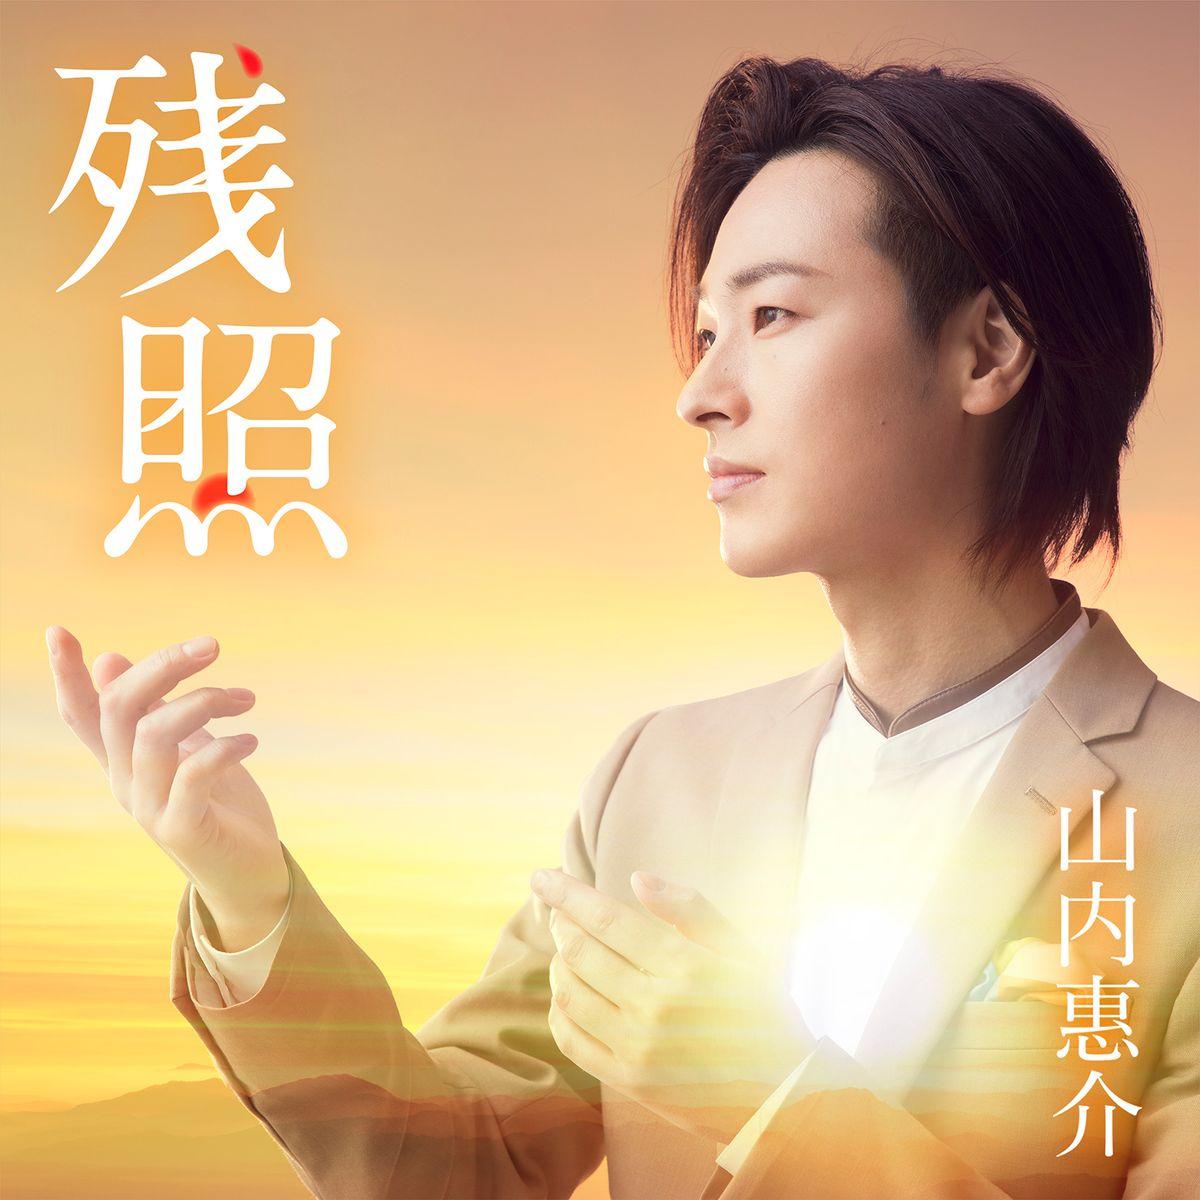 『山内惠介 - 網走3番線ホーム』収録の『残照』ジャケット